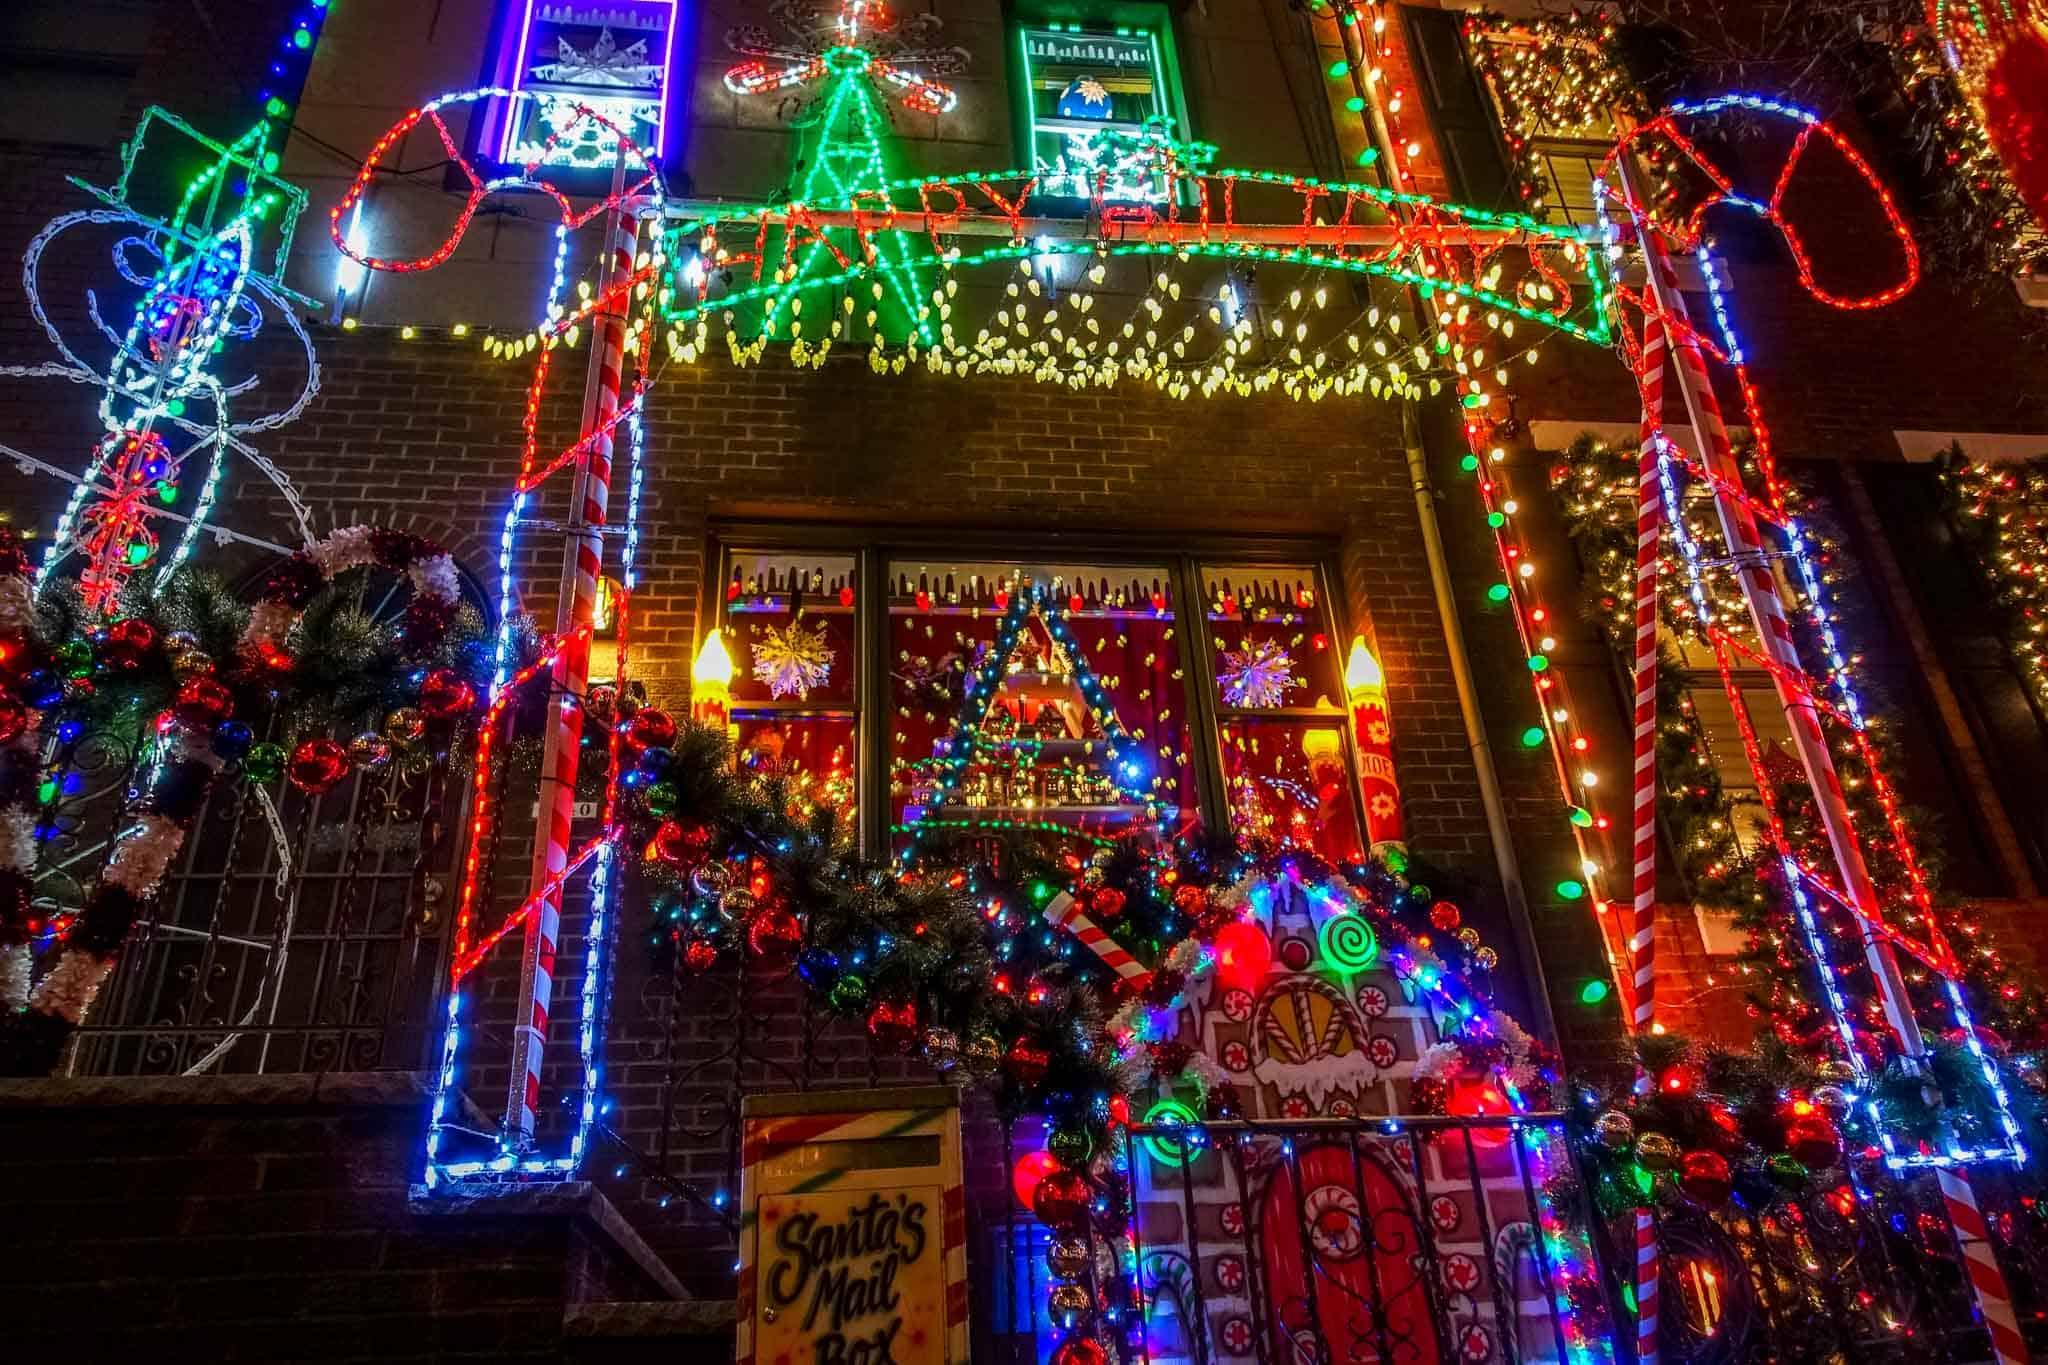 Row home with colorful Christmas lights display